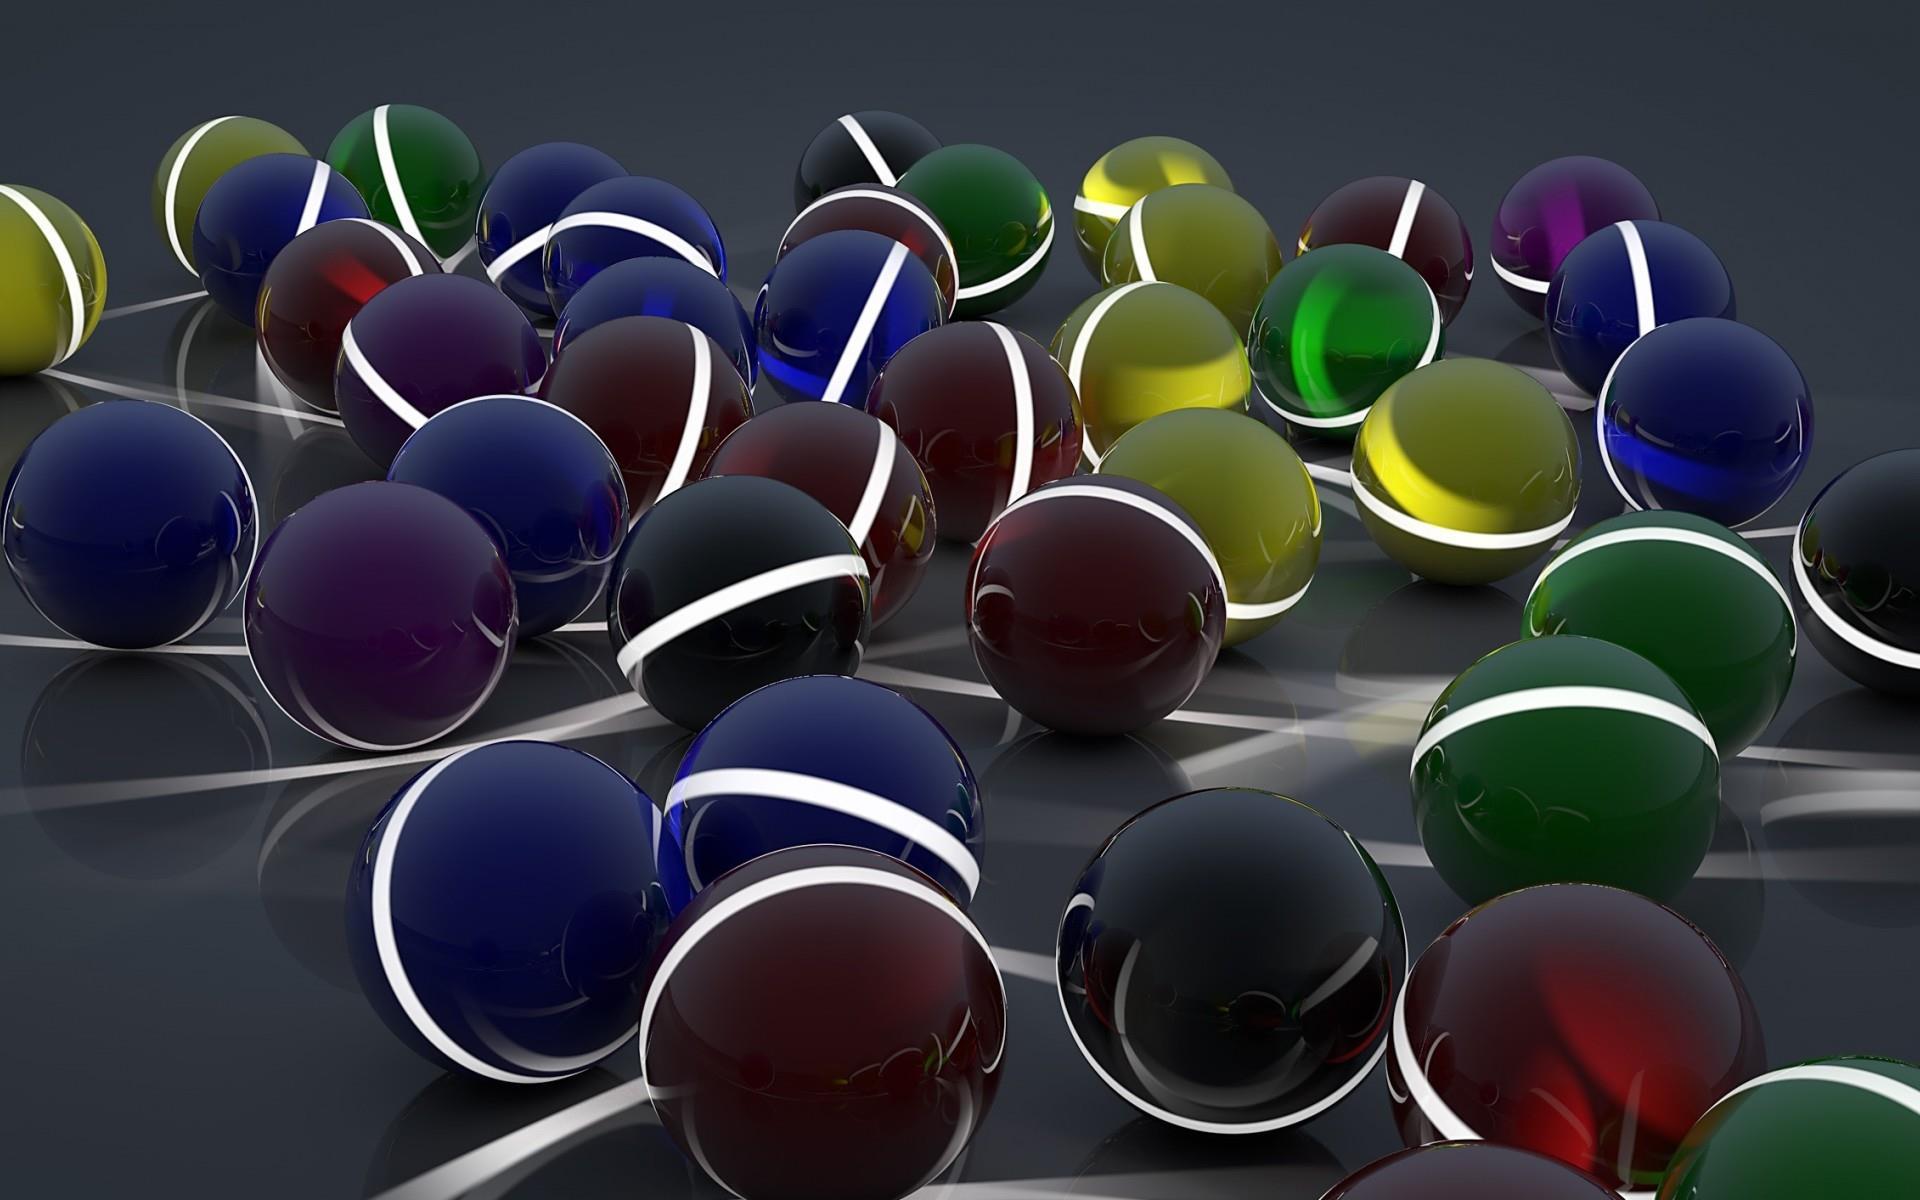 boules-lumineuses-windows-10-fonds-ecran-gratuit_1